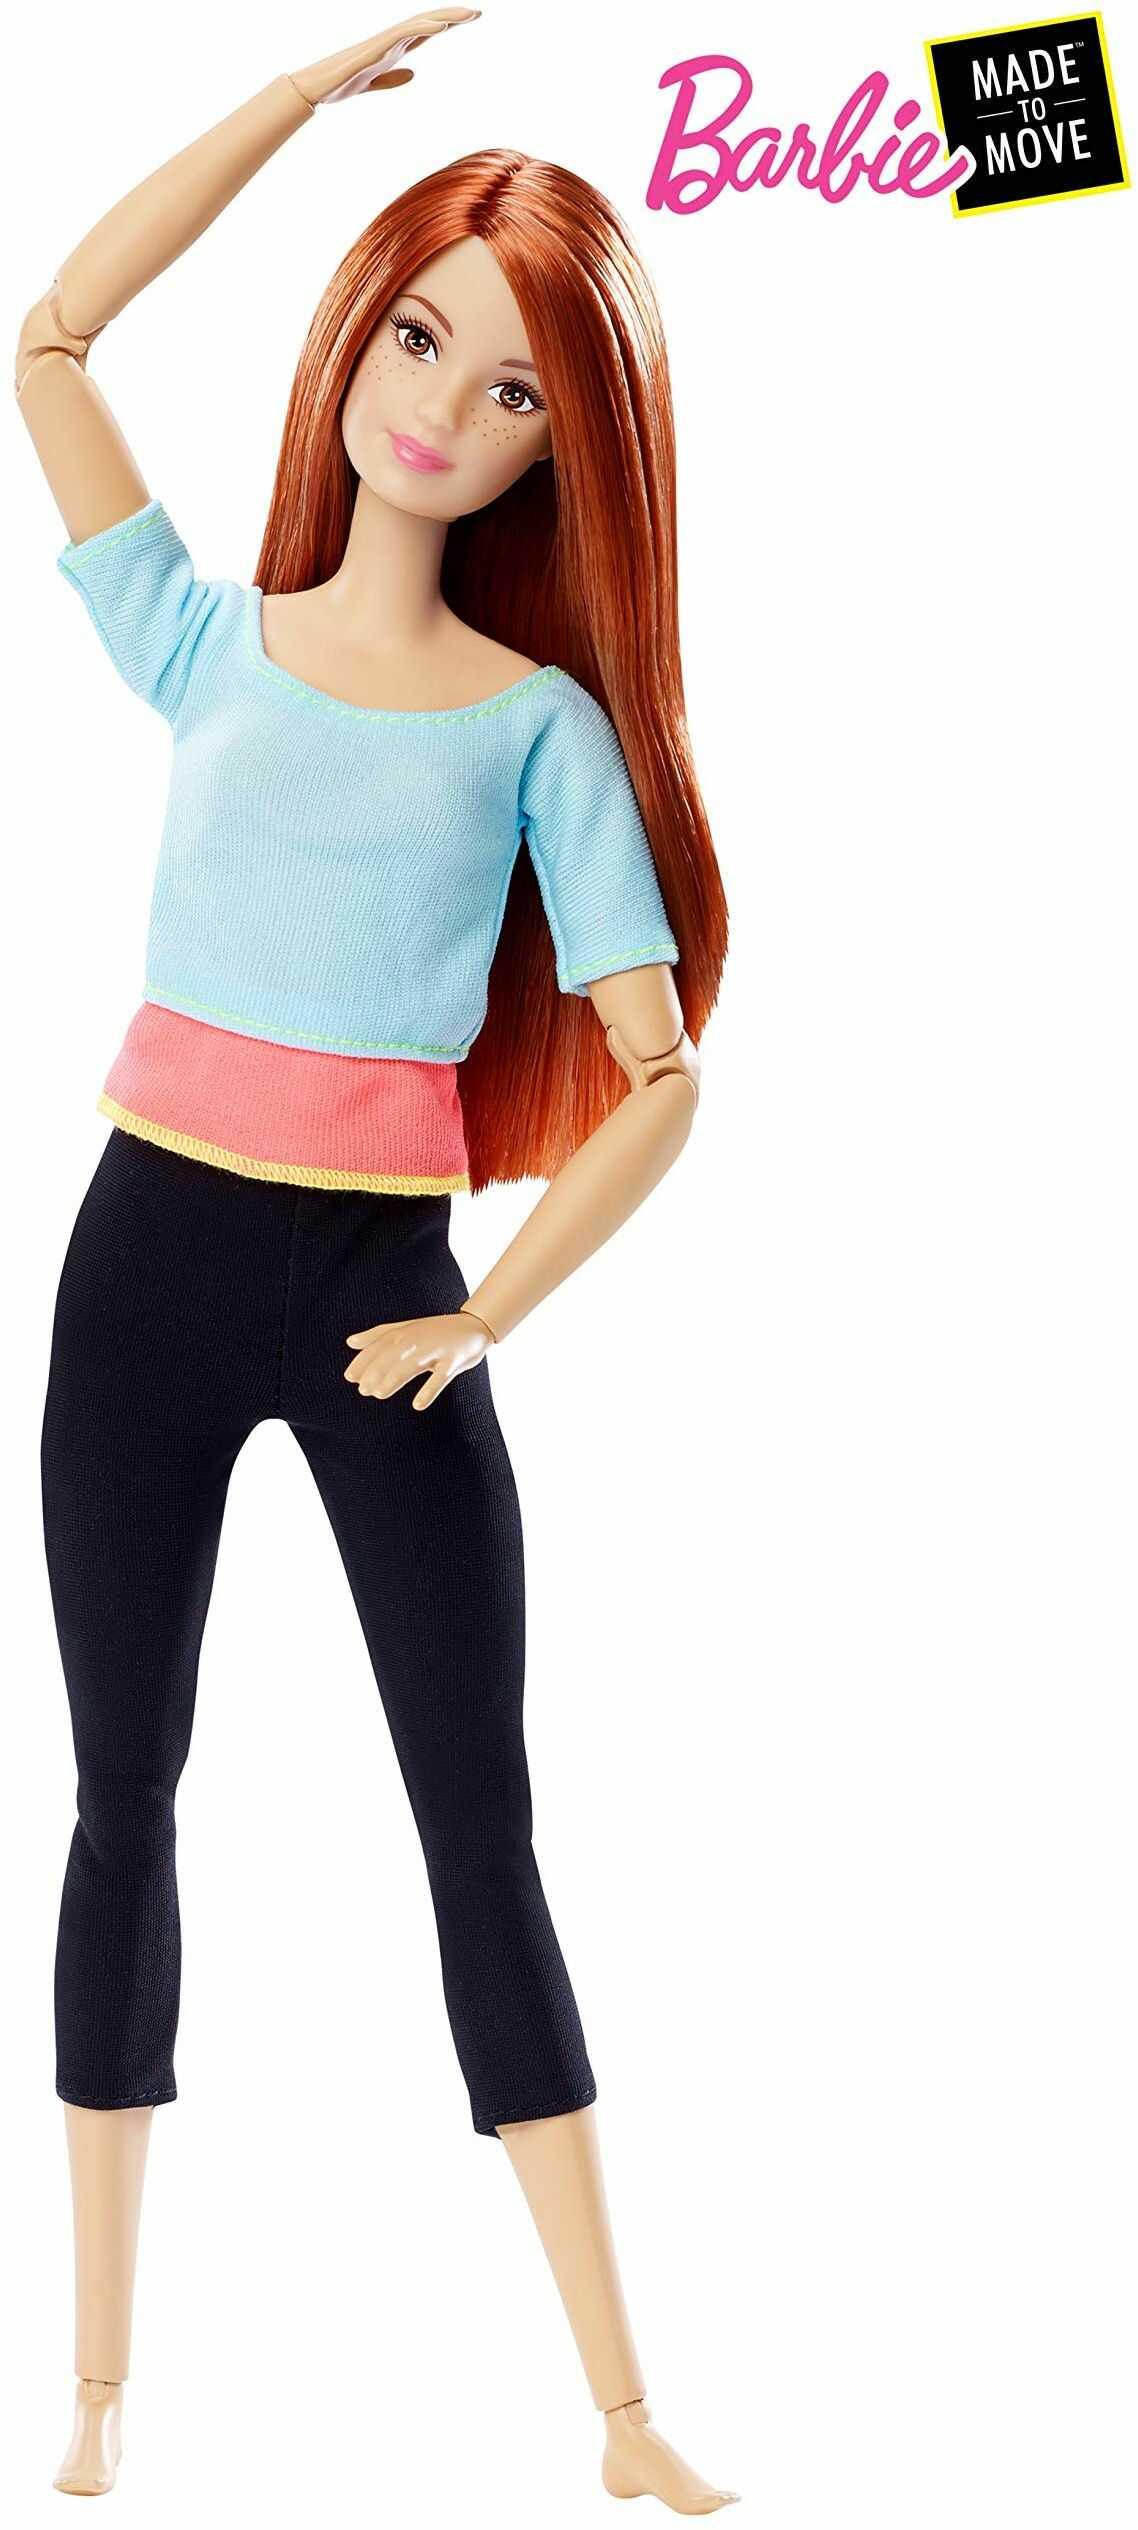 Barbie DPP74 Barbie Made to Move lalka z czerwonymi włosami, ruchoma i sportowa lalka modowa z 22 przegubami, od 3 lat